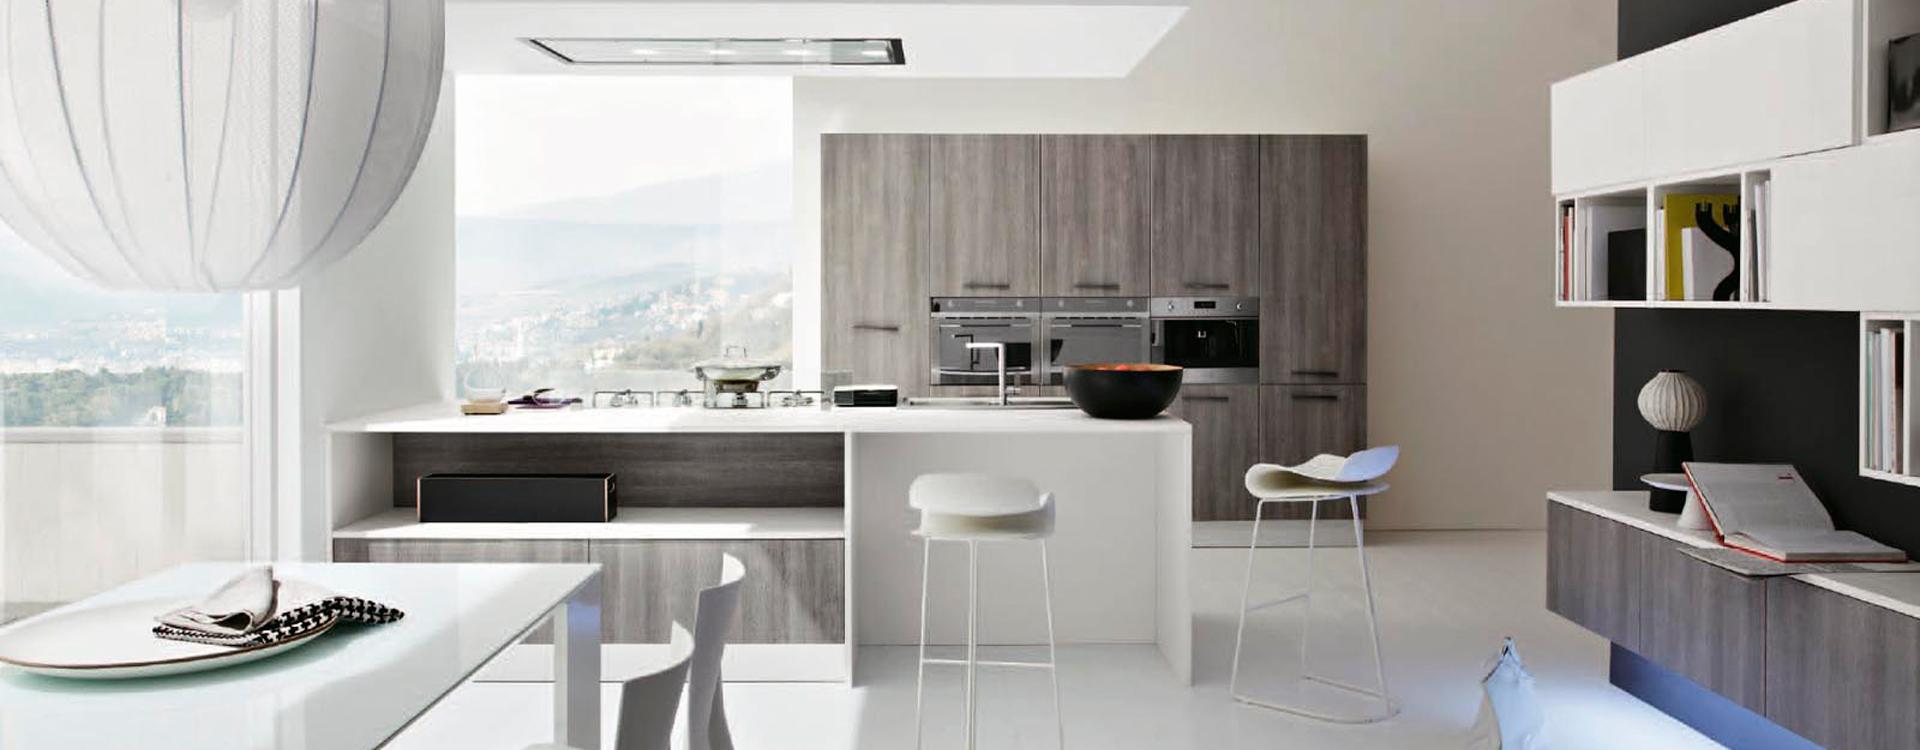 Votre cuisiniste à Lausanne - Lacroix Design